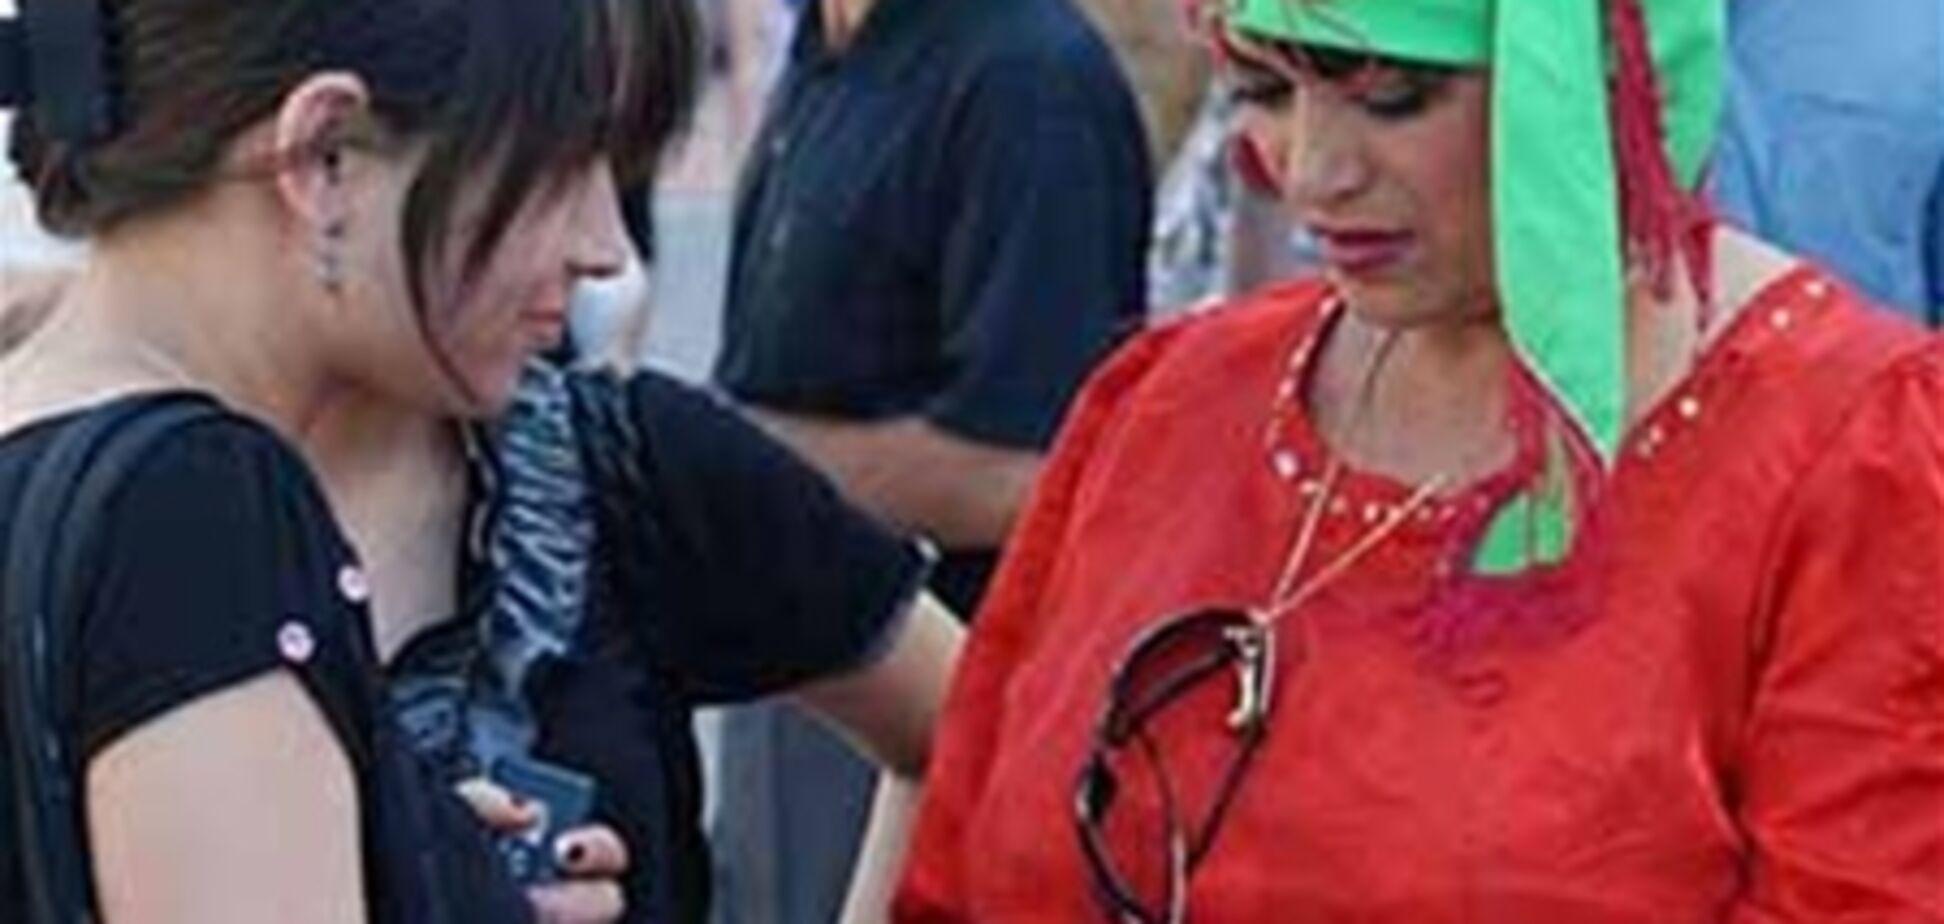 Сестра Ющенко 'заказала' у гадалки смерть соседки